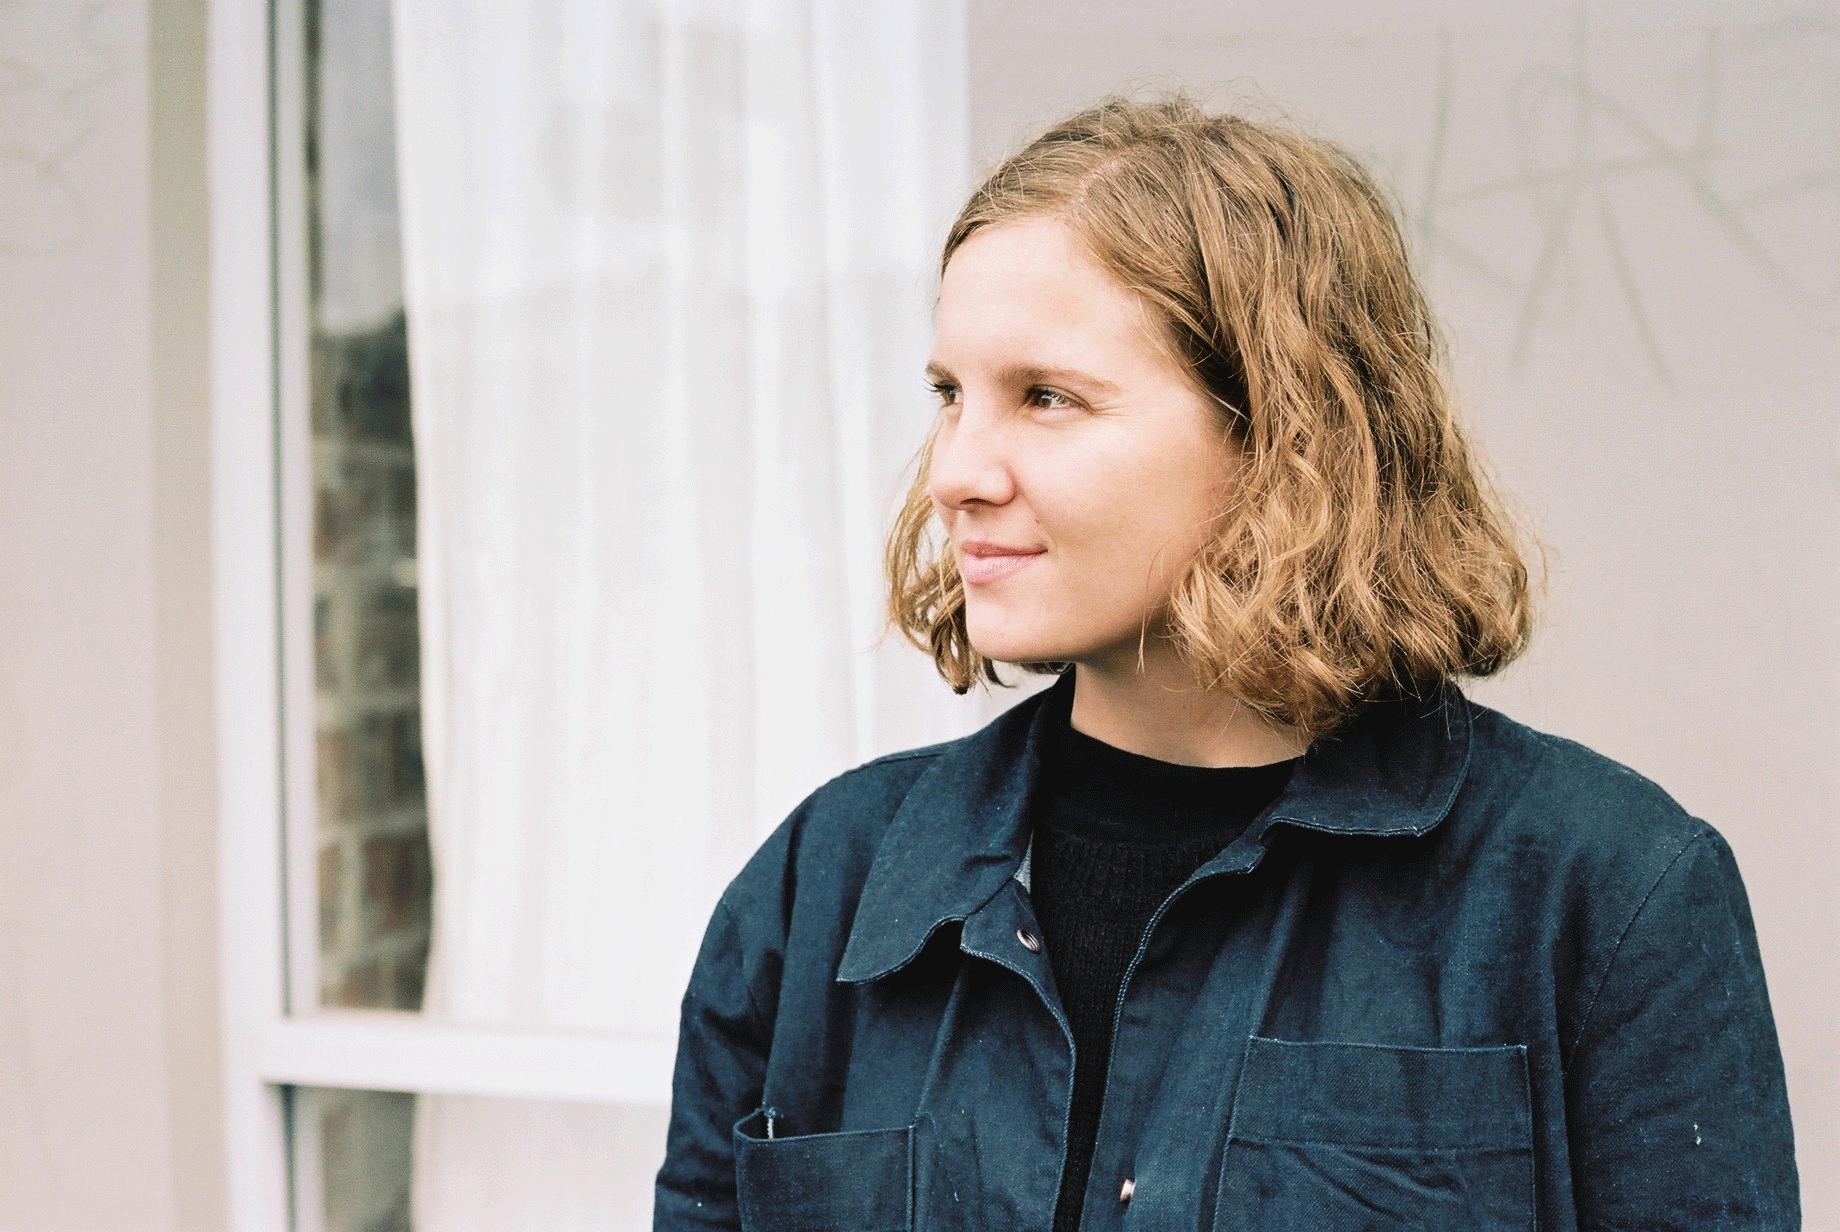 Photograph by Annie Hamilton